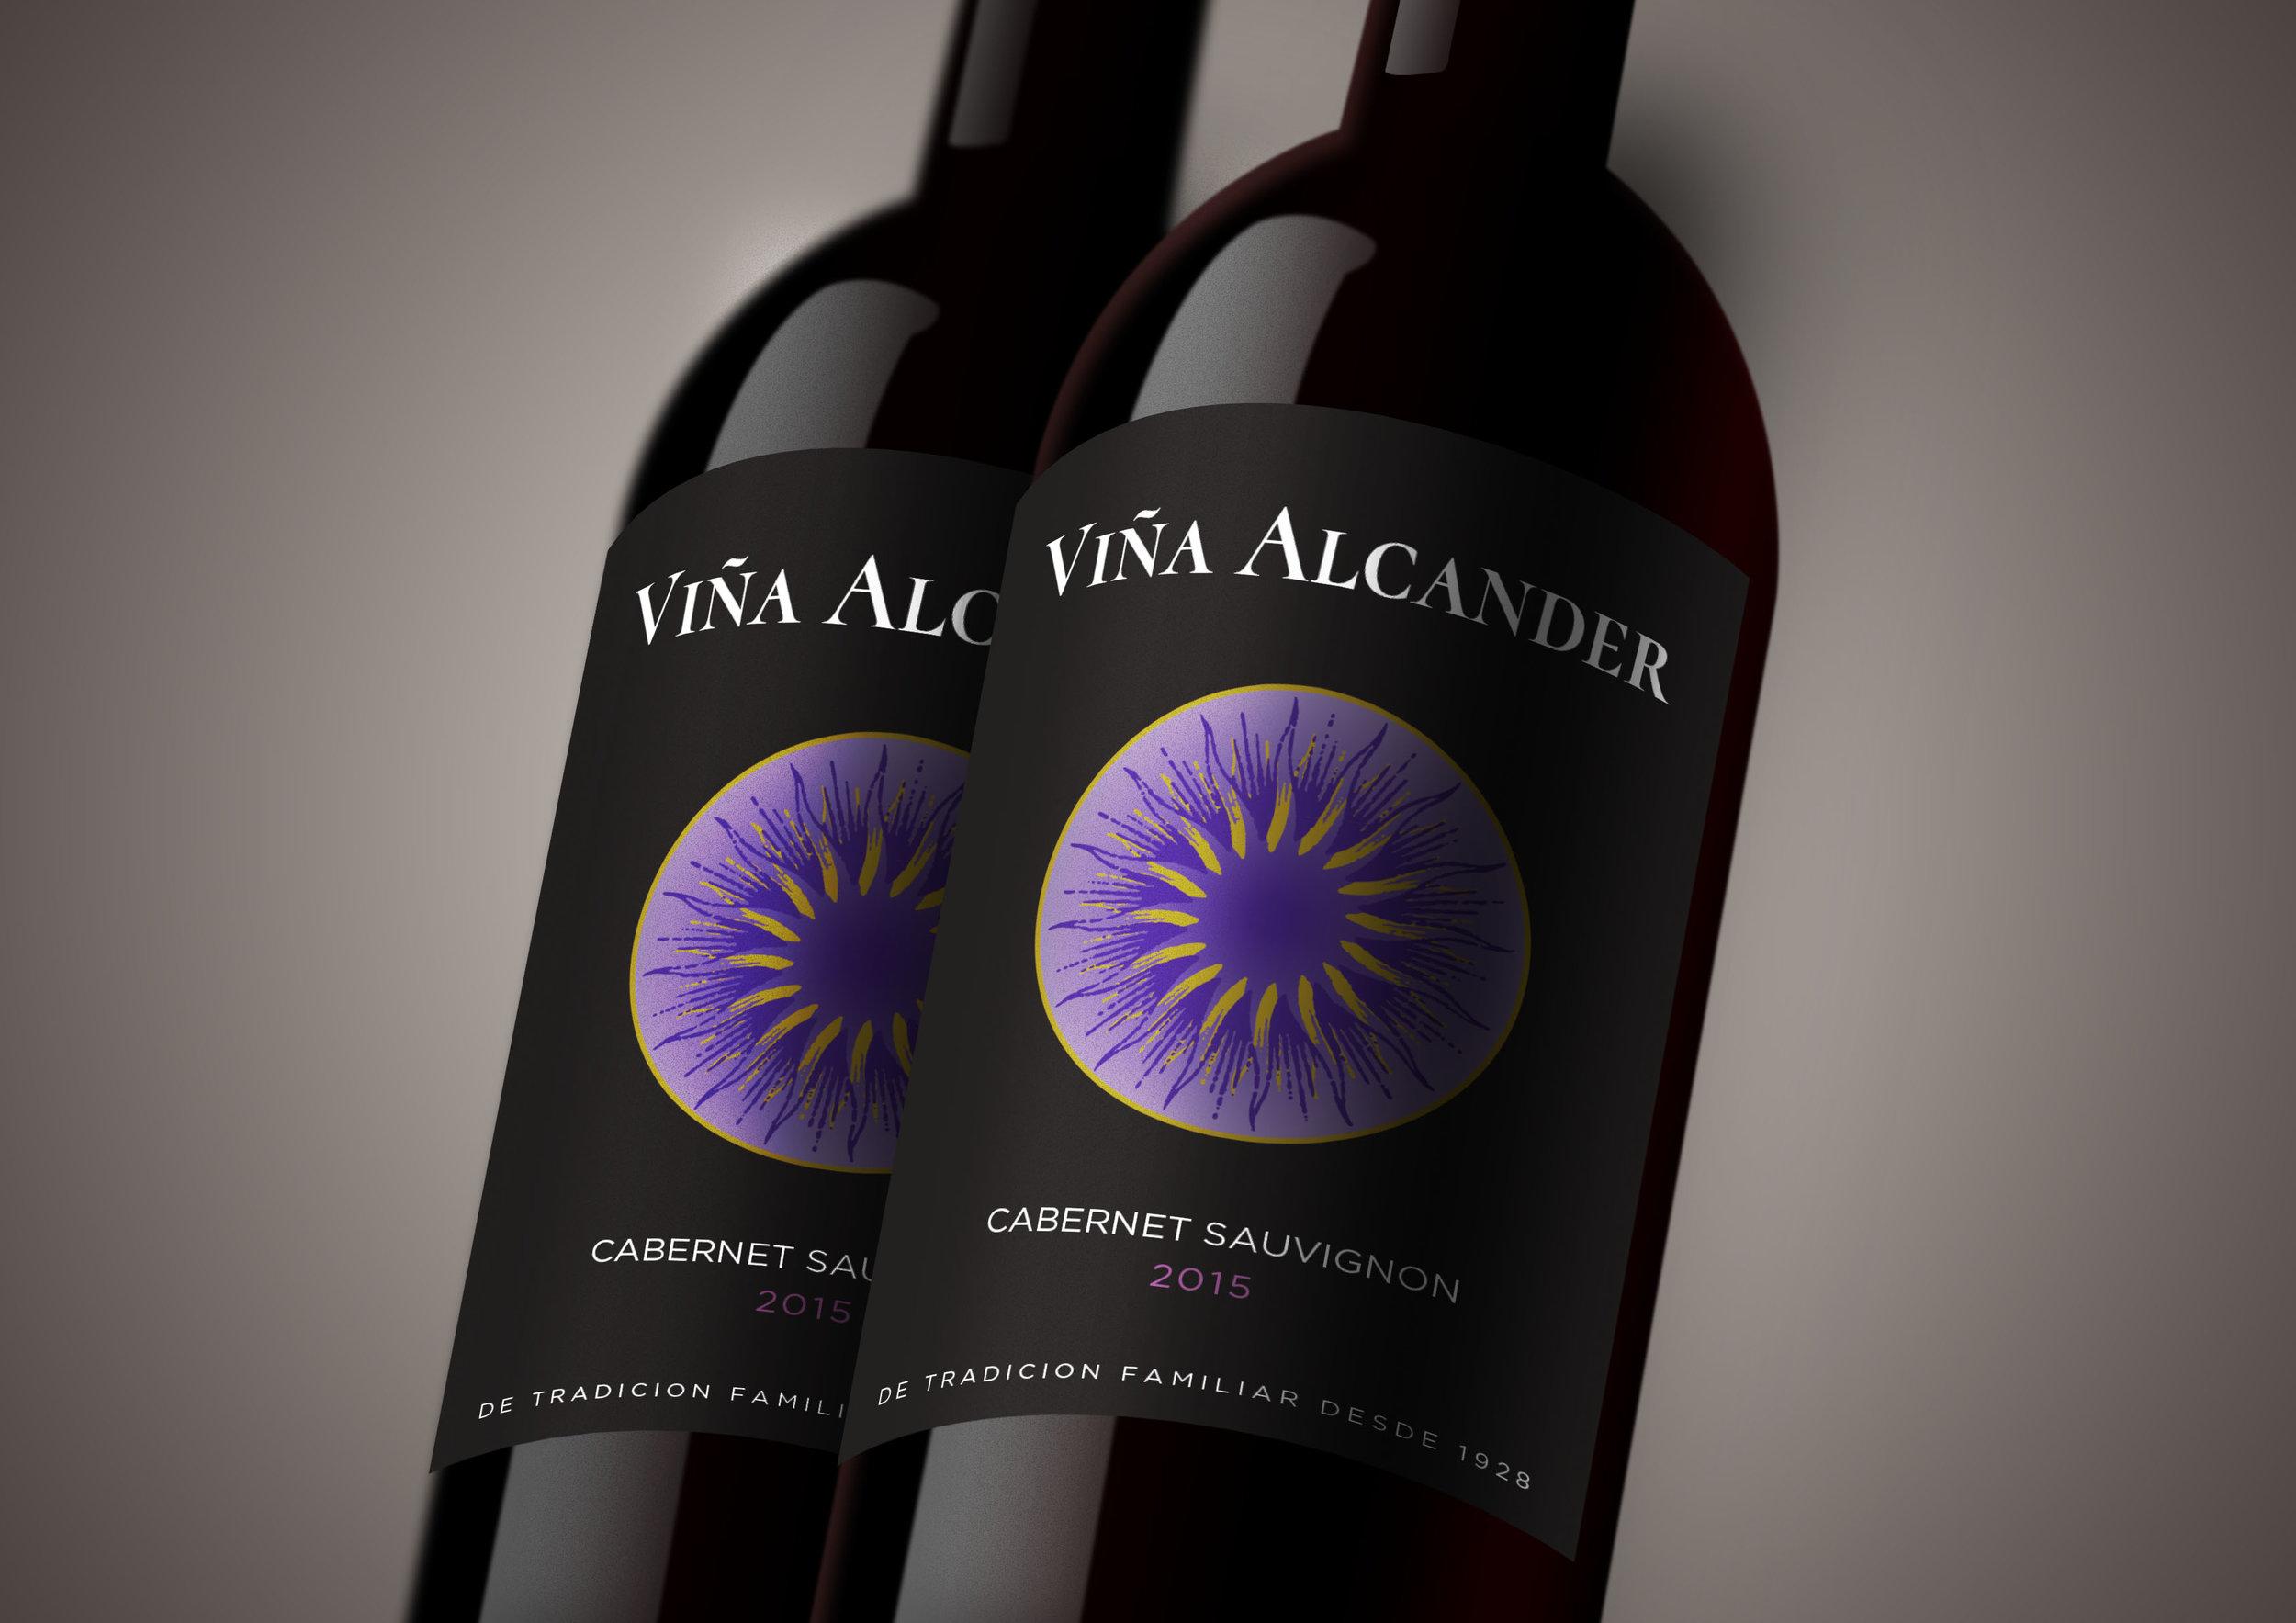 Vina Alacander 2 Bottle Shot Mock Up.jpg